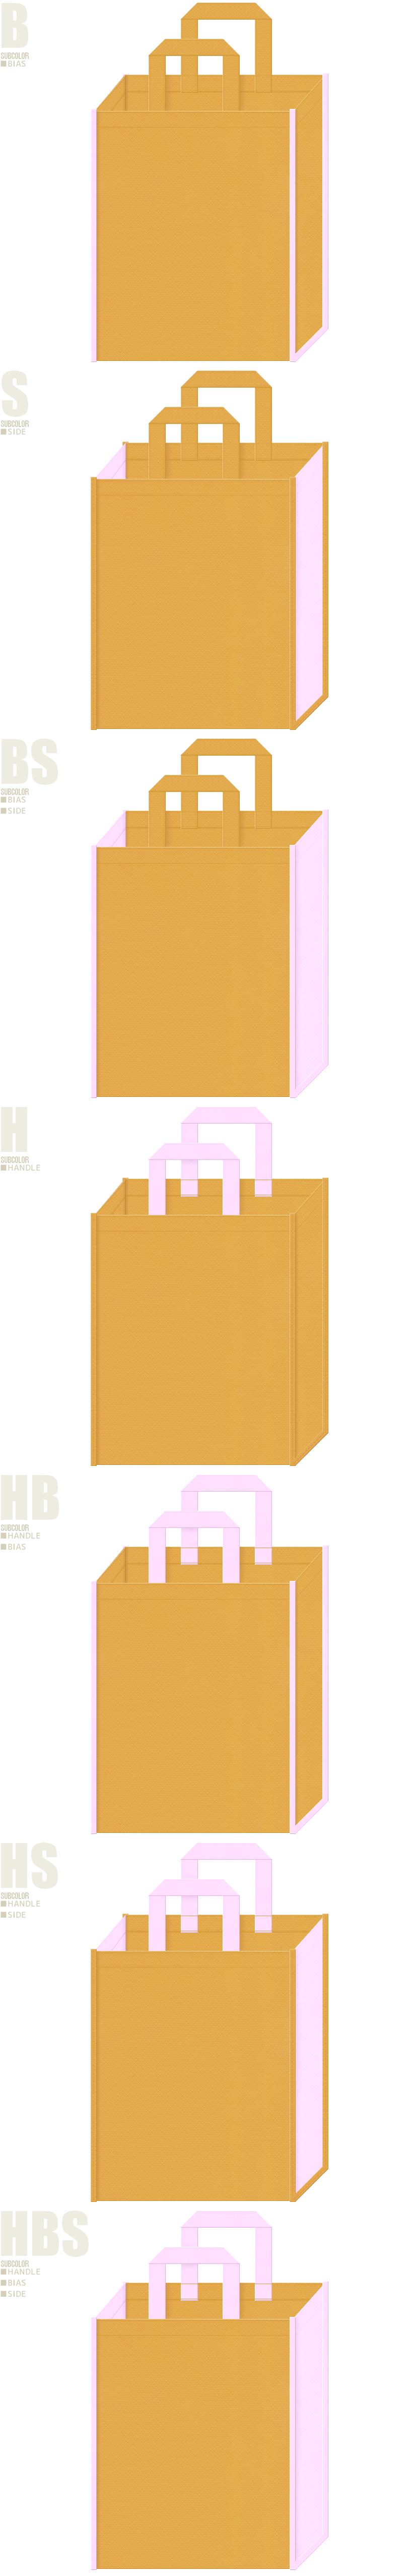 黄土色と明るめのピンク色、7パターンの不織布トートバッグ配色デザイン例。girlyな不織布バッグにお奨めです。